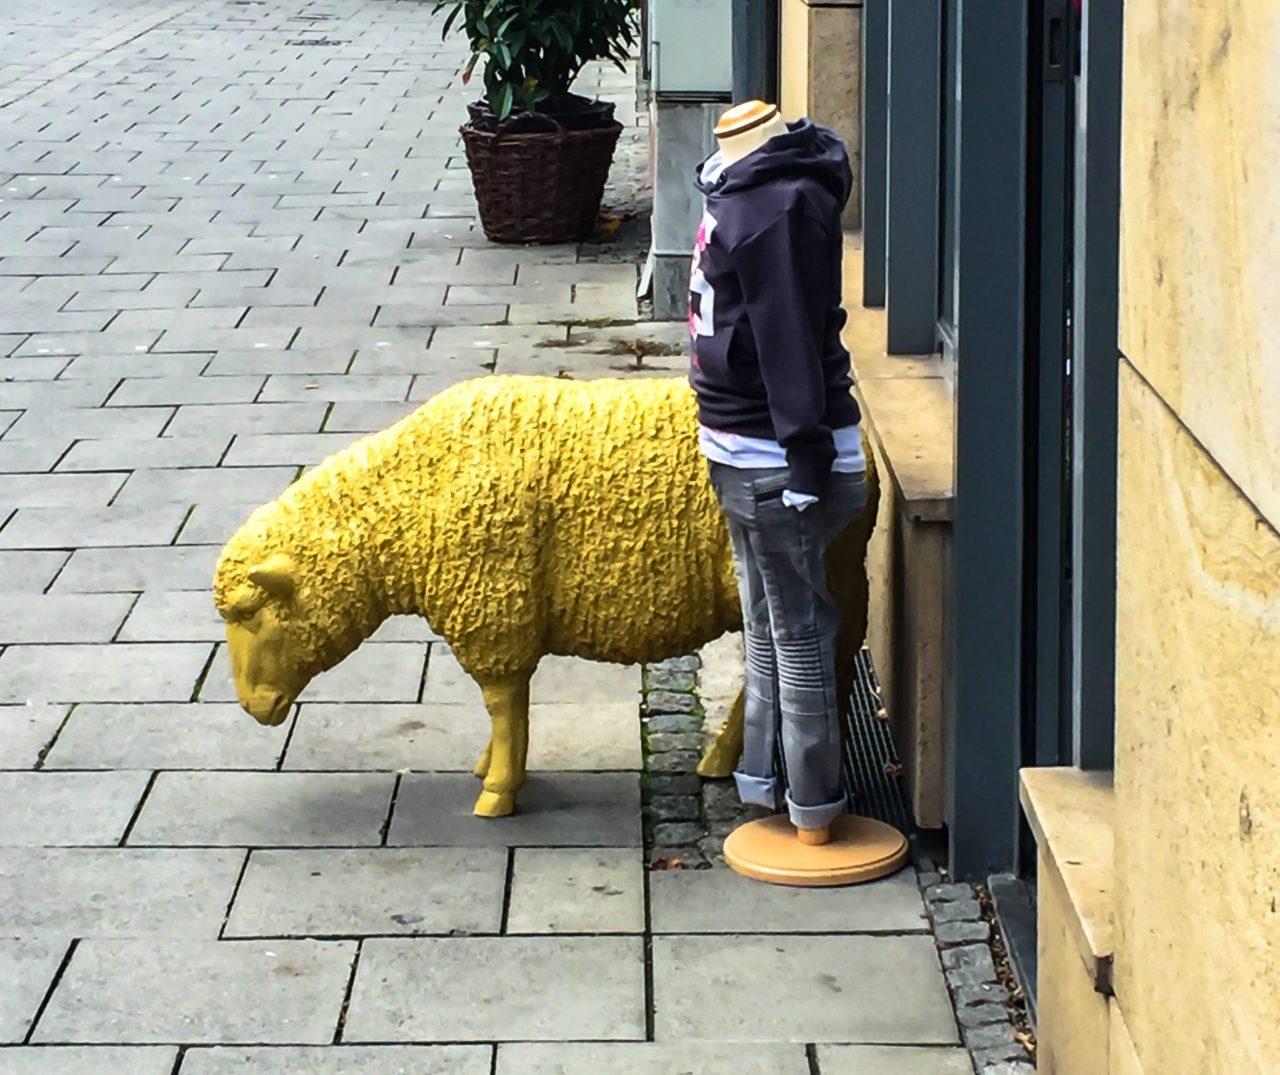 Mahnmal für den kopflosen Umgang von Kindern mit gelben Schafen